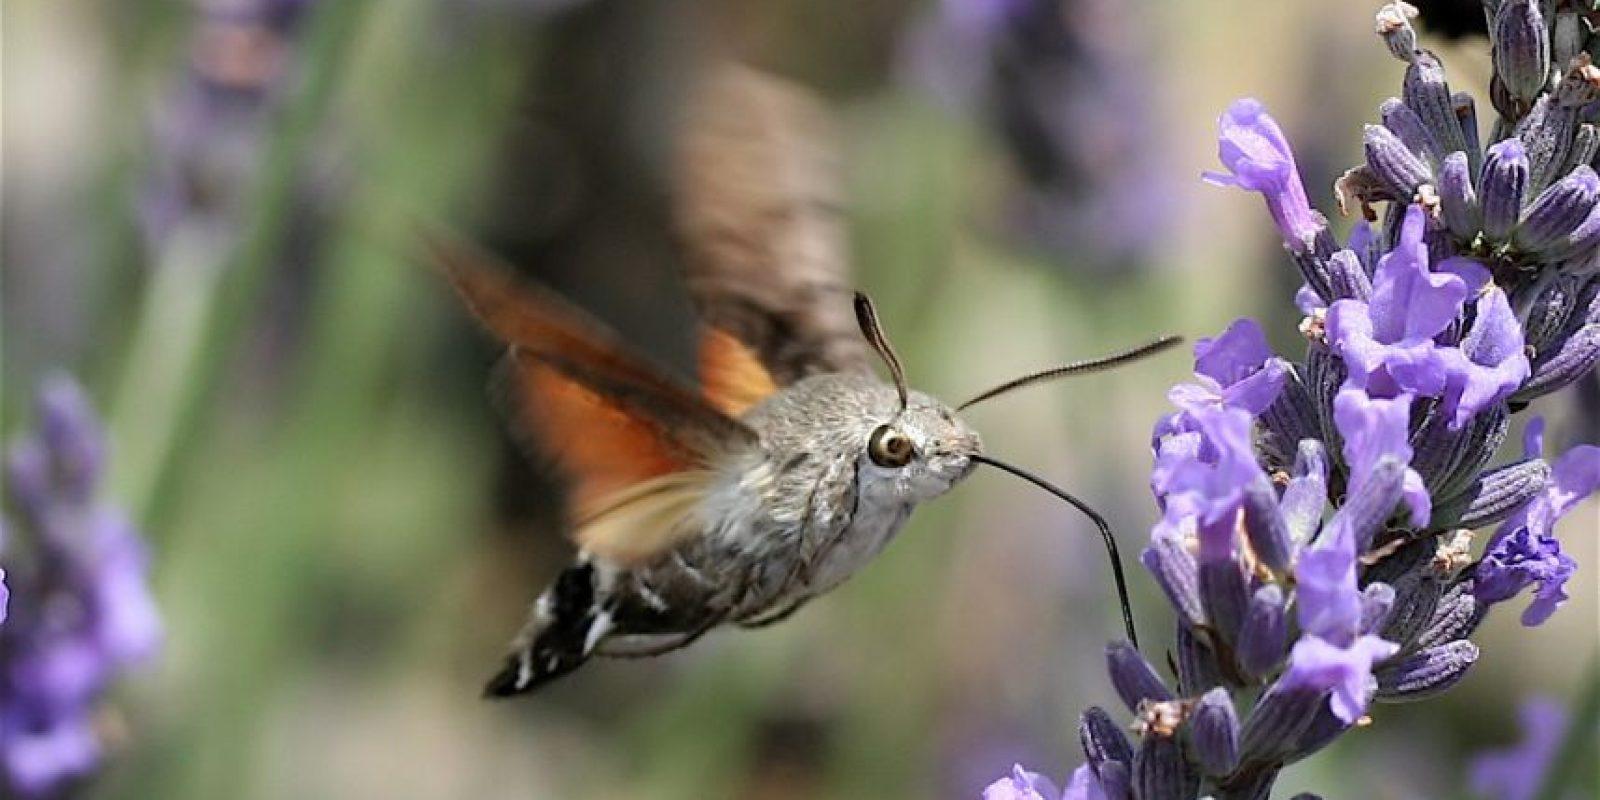 Polilla Colibrí: Se alimenta de las flores, de ahí su apodo. Foto:vía Wikipedia